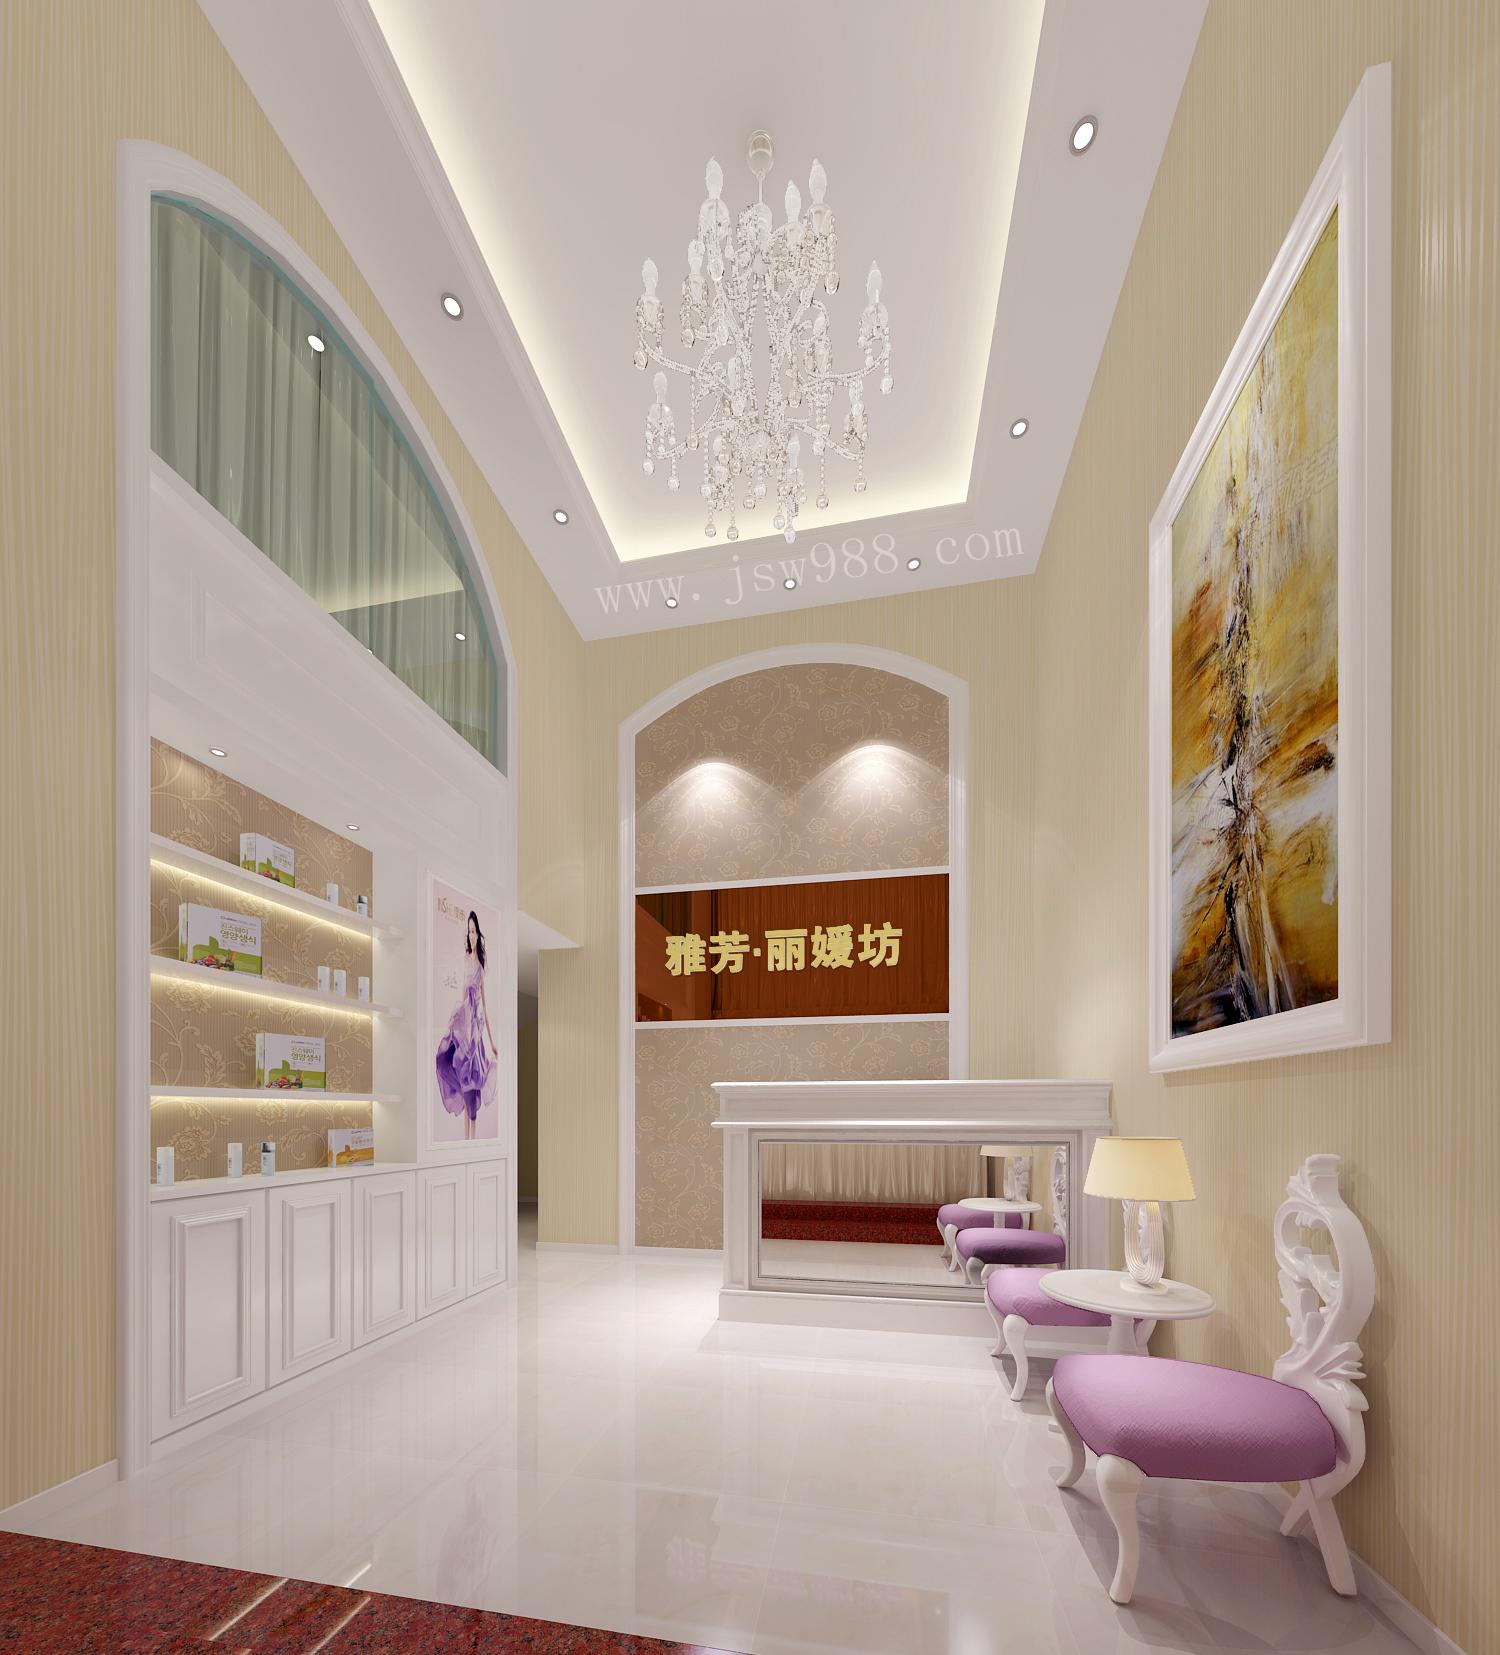 廣州雅芳麗媛美容院大廳裝修設計效果圖圖片